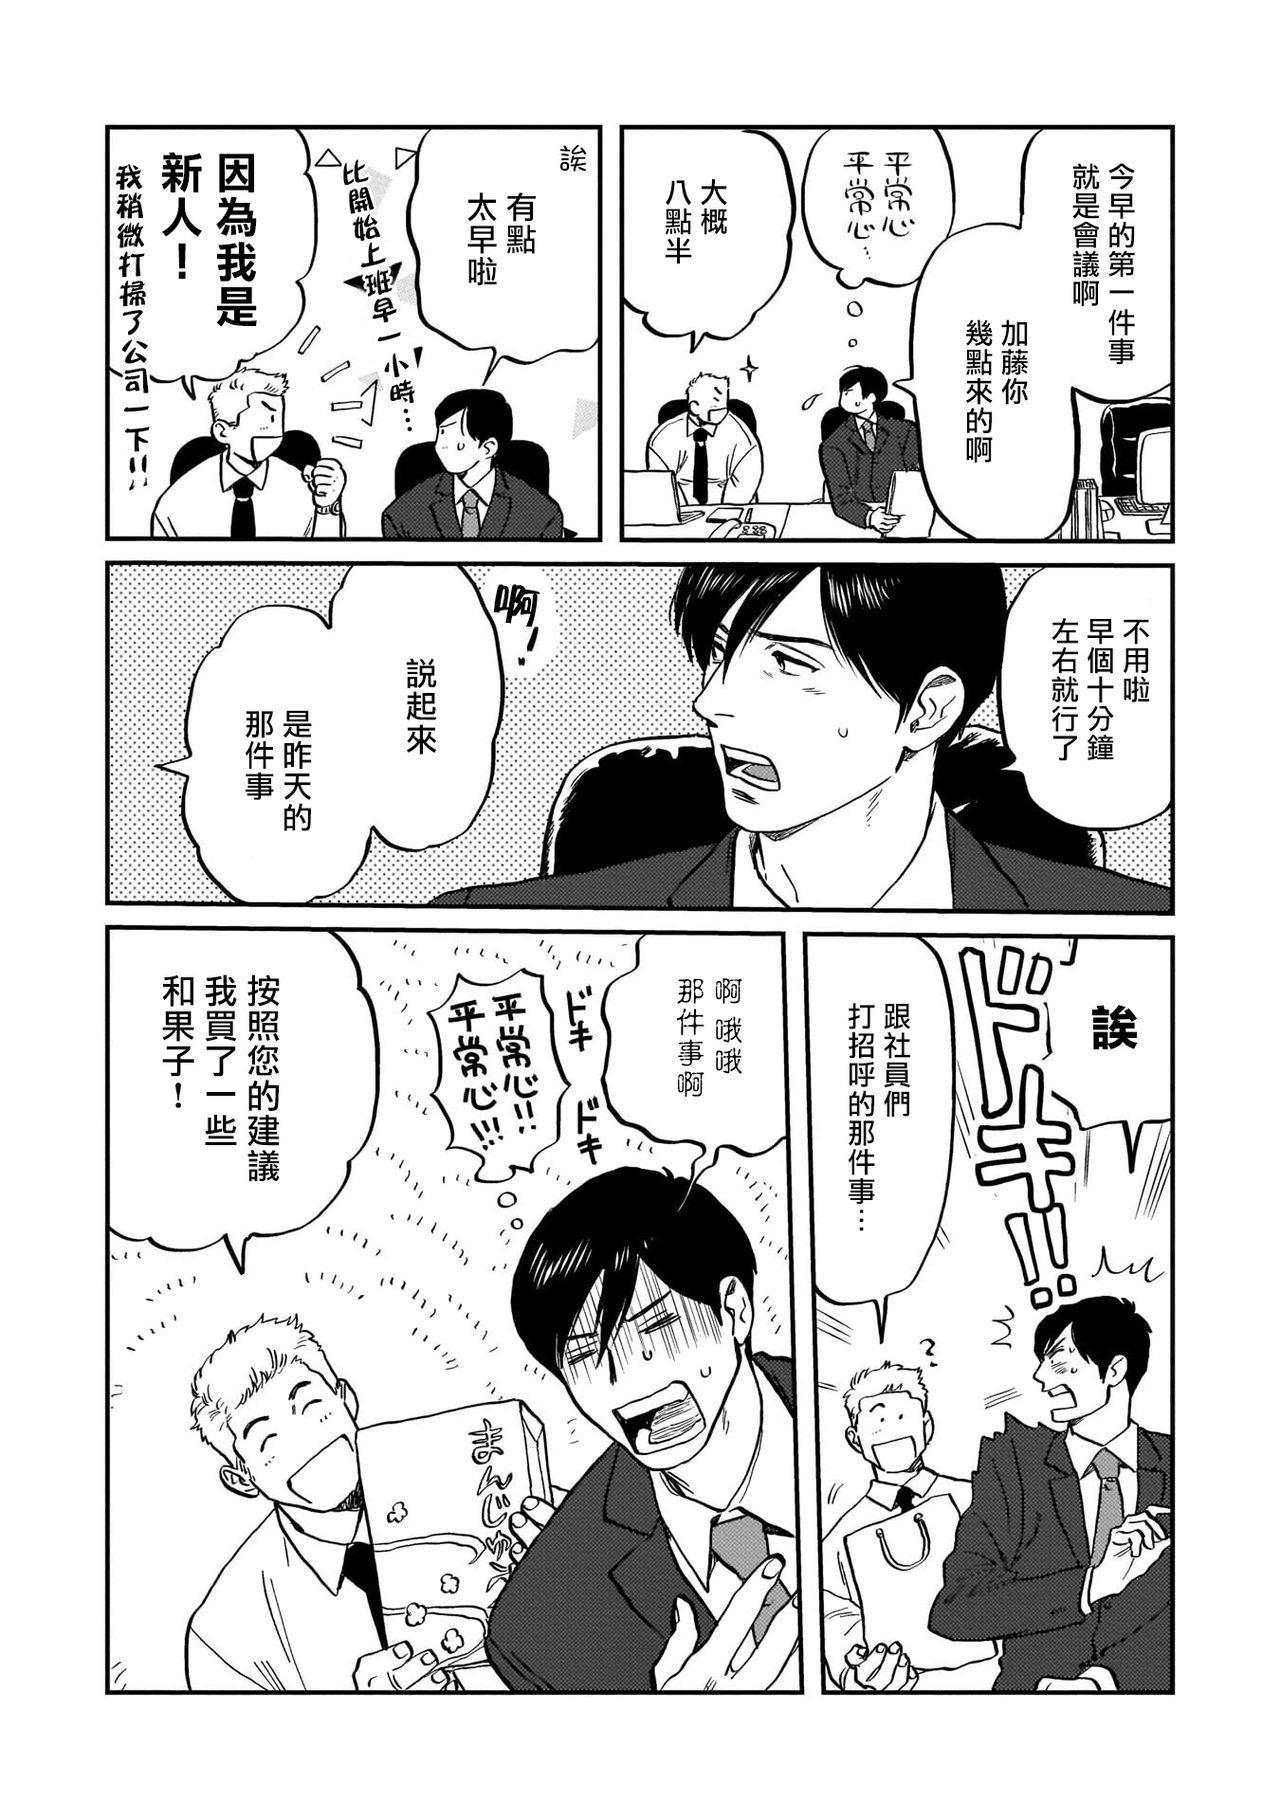 Kouhai no Oppai ga Suki Sugiru | 我太喜欢后辈的奶子了 Ch. 1-2 31